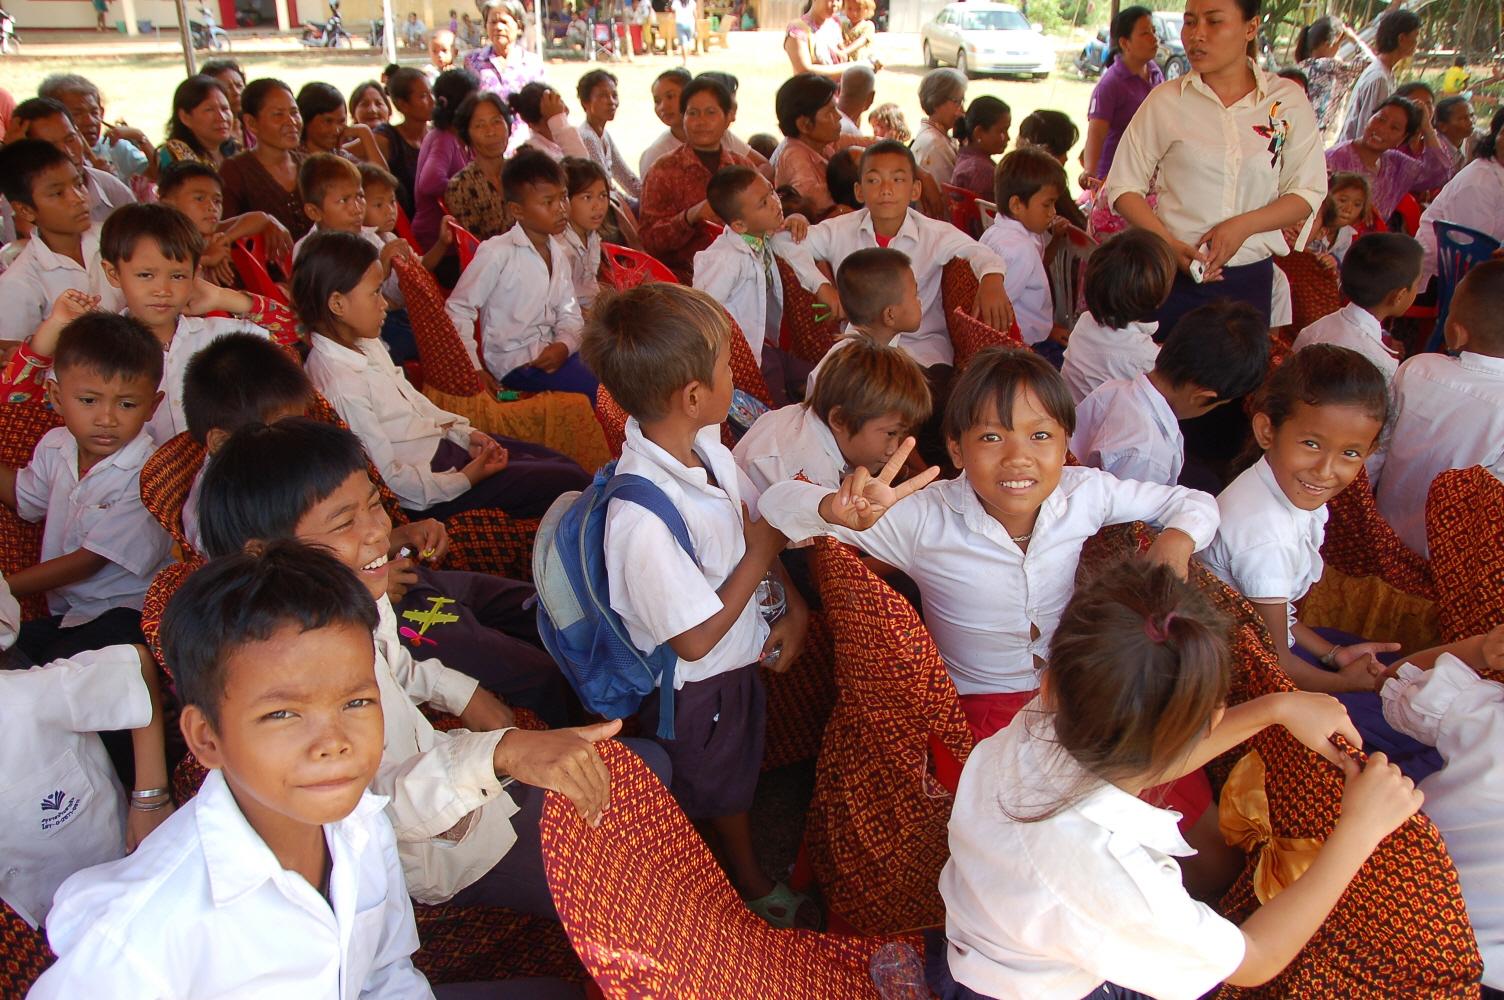 7. 어린이날 행사장에앉아있는 초등학생들.JPG